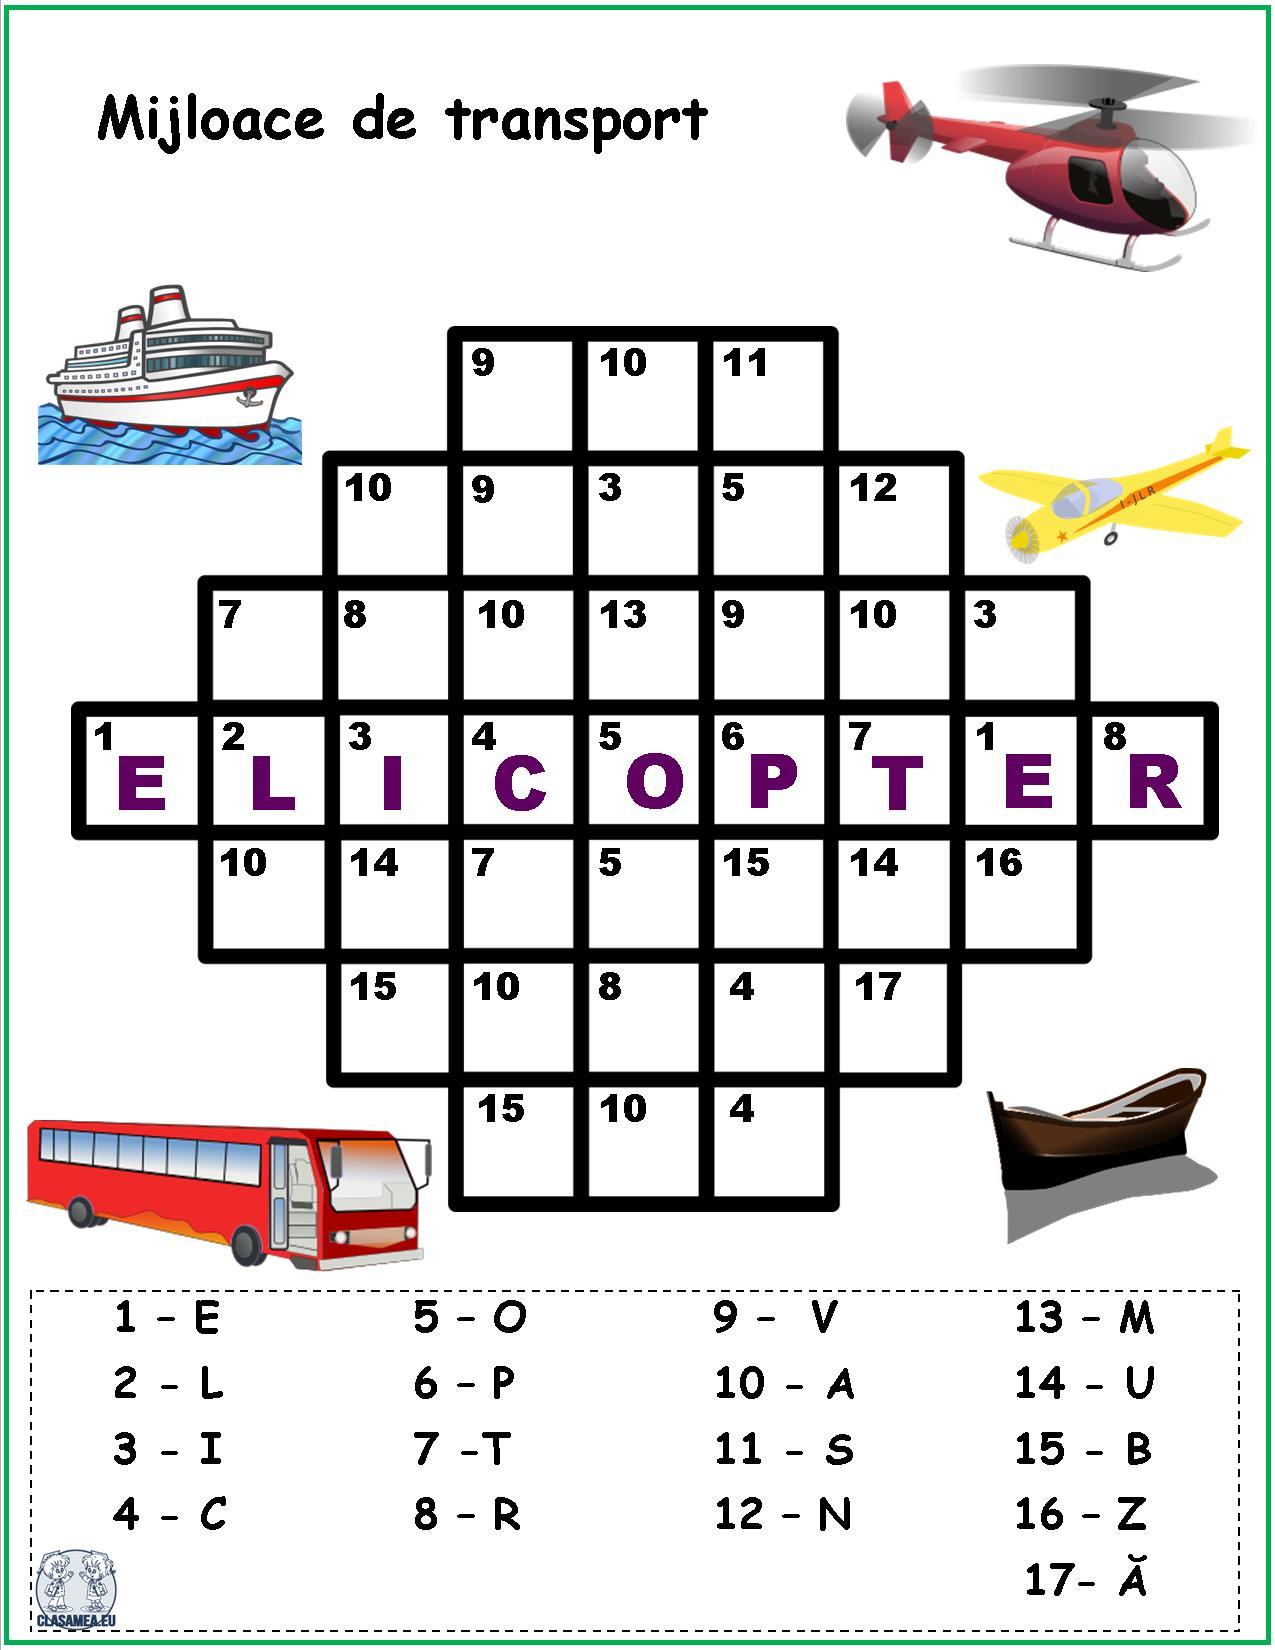 Cuvinte codificate - Mijloace de transport